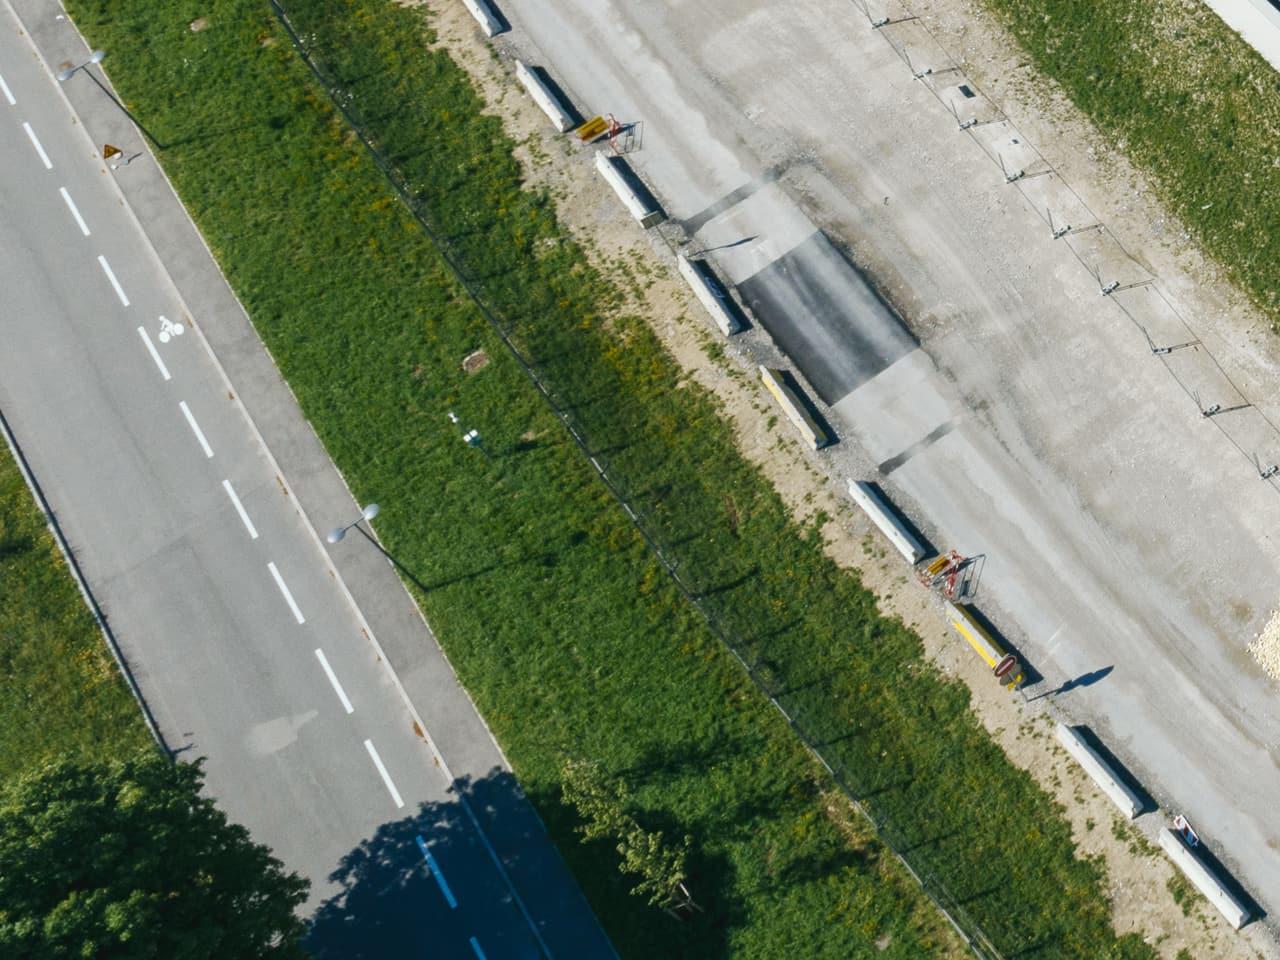 voie verte le long de l'autoroute A480 à Grenoble